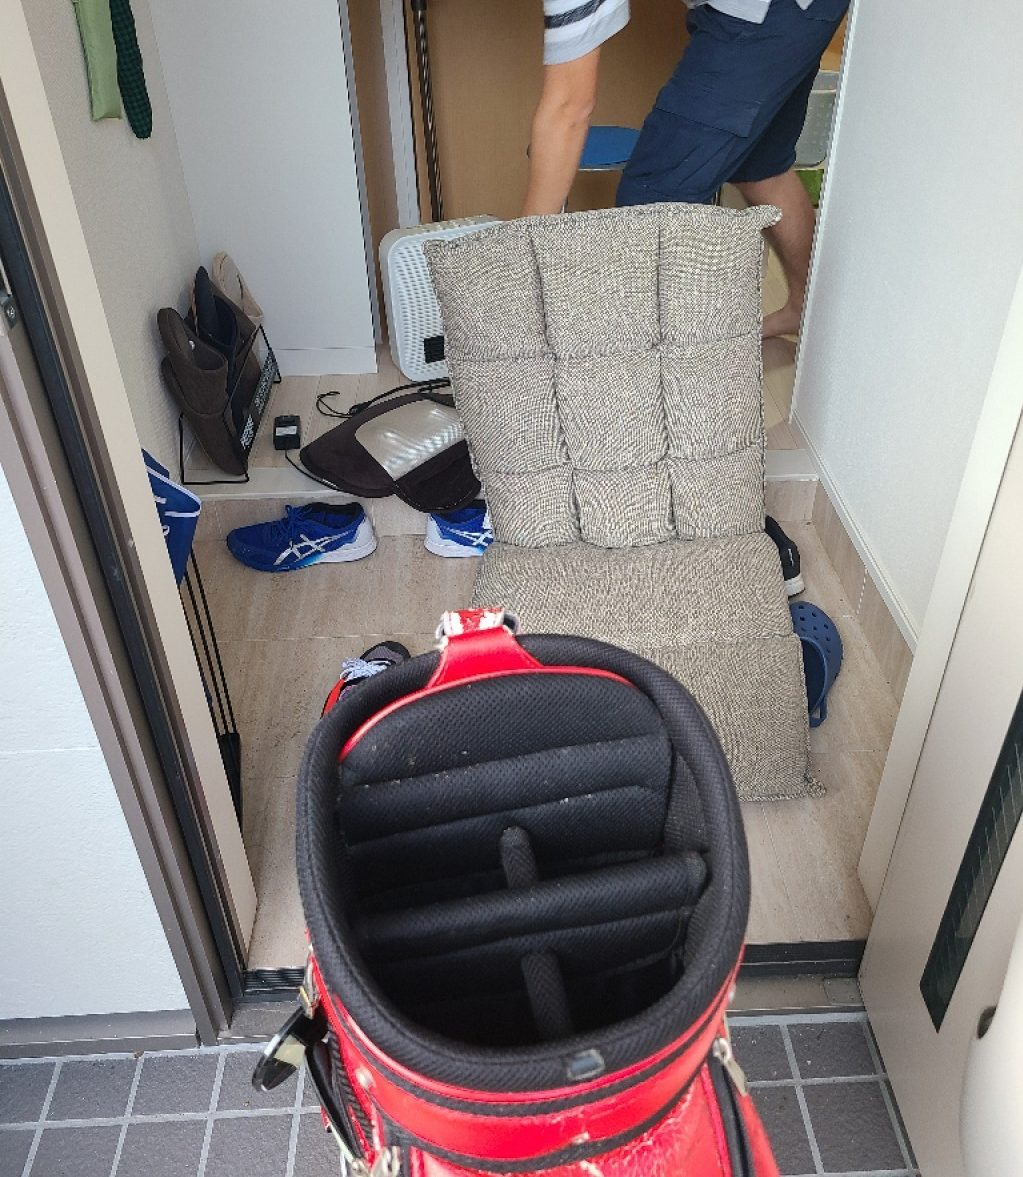 【下関市小月本町】ゴルフバッグ、扇風機、座椅子等の回収・処分